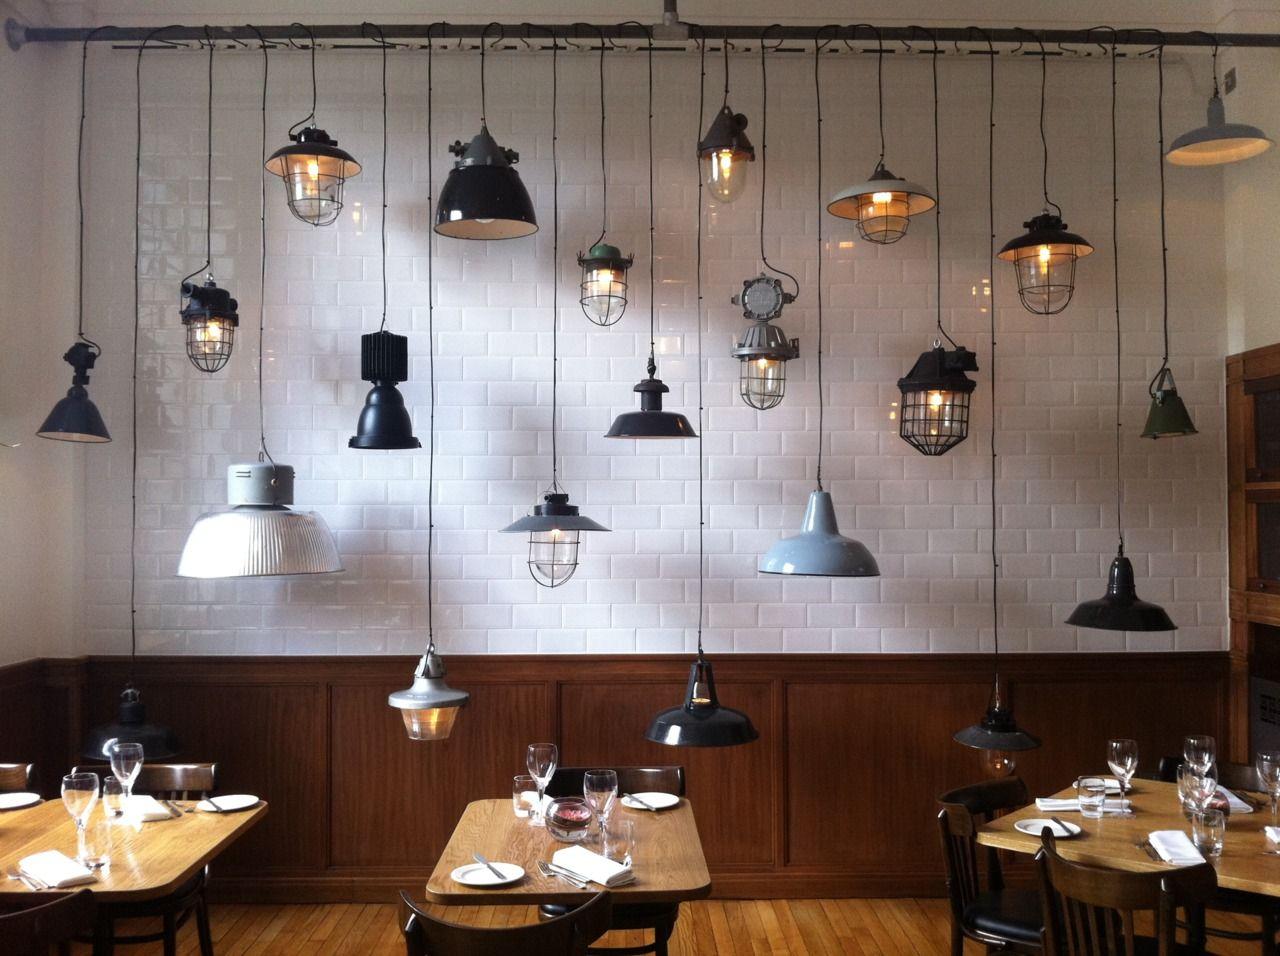 interior industrial lighting fixtures. Perfecto Para Un Restaurant, Local Comercial O Una Instalación Artística En Ambiente. Industrial LampsIndustrial Interior Lighting Fixtures I